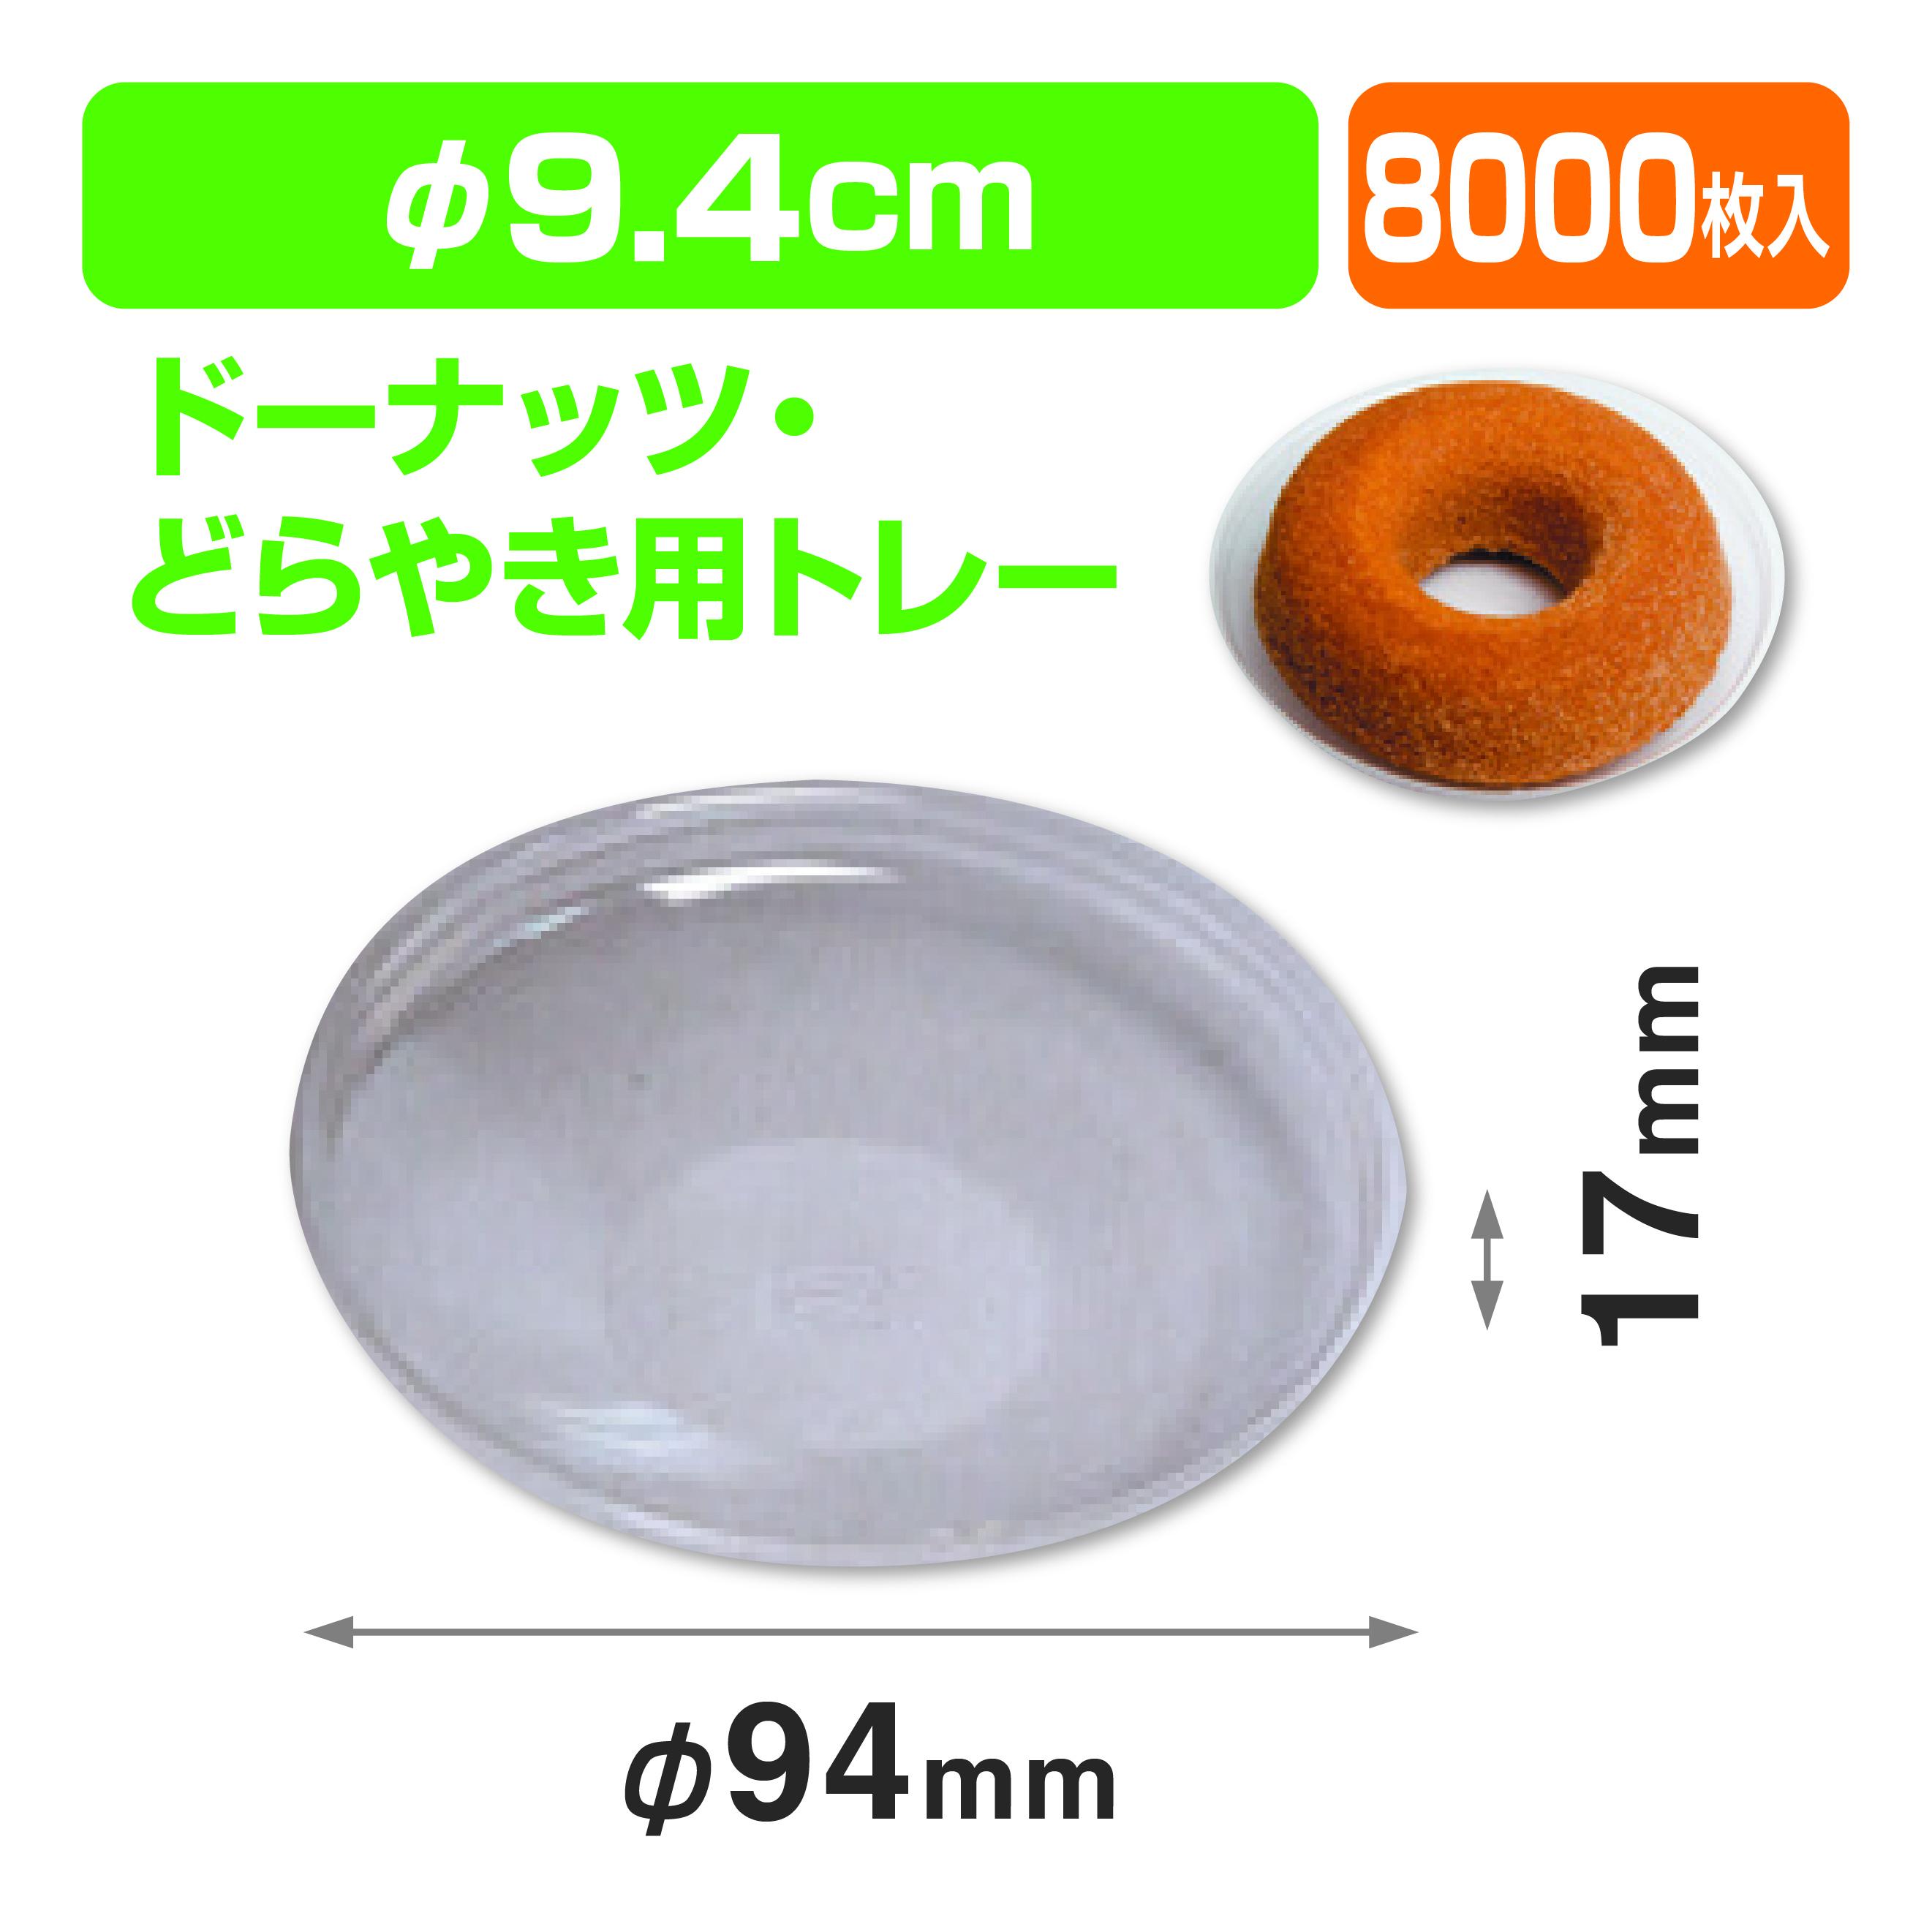 どら焼き・ドーナツ用トレー(ドーナツの箱)